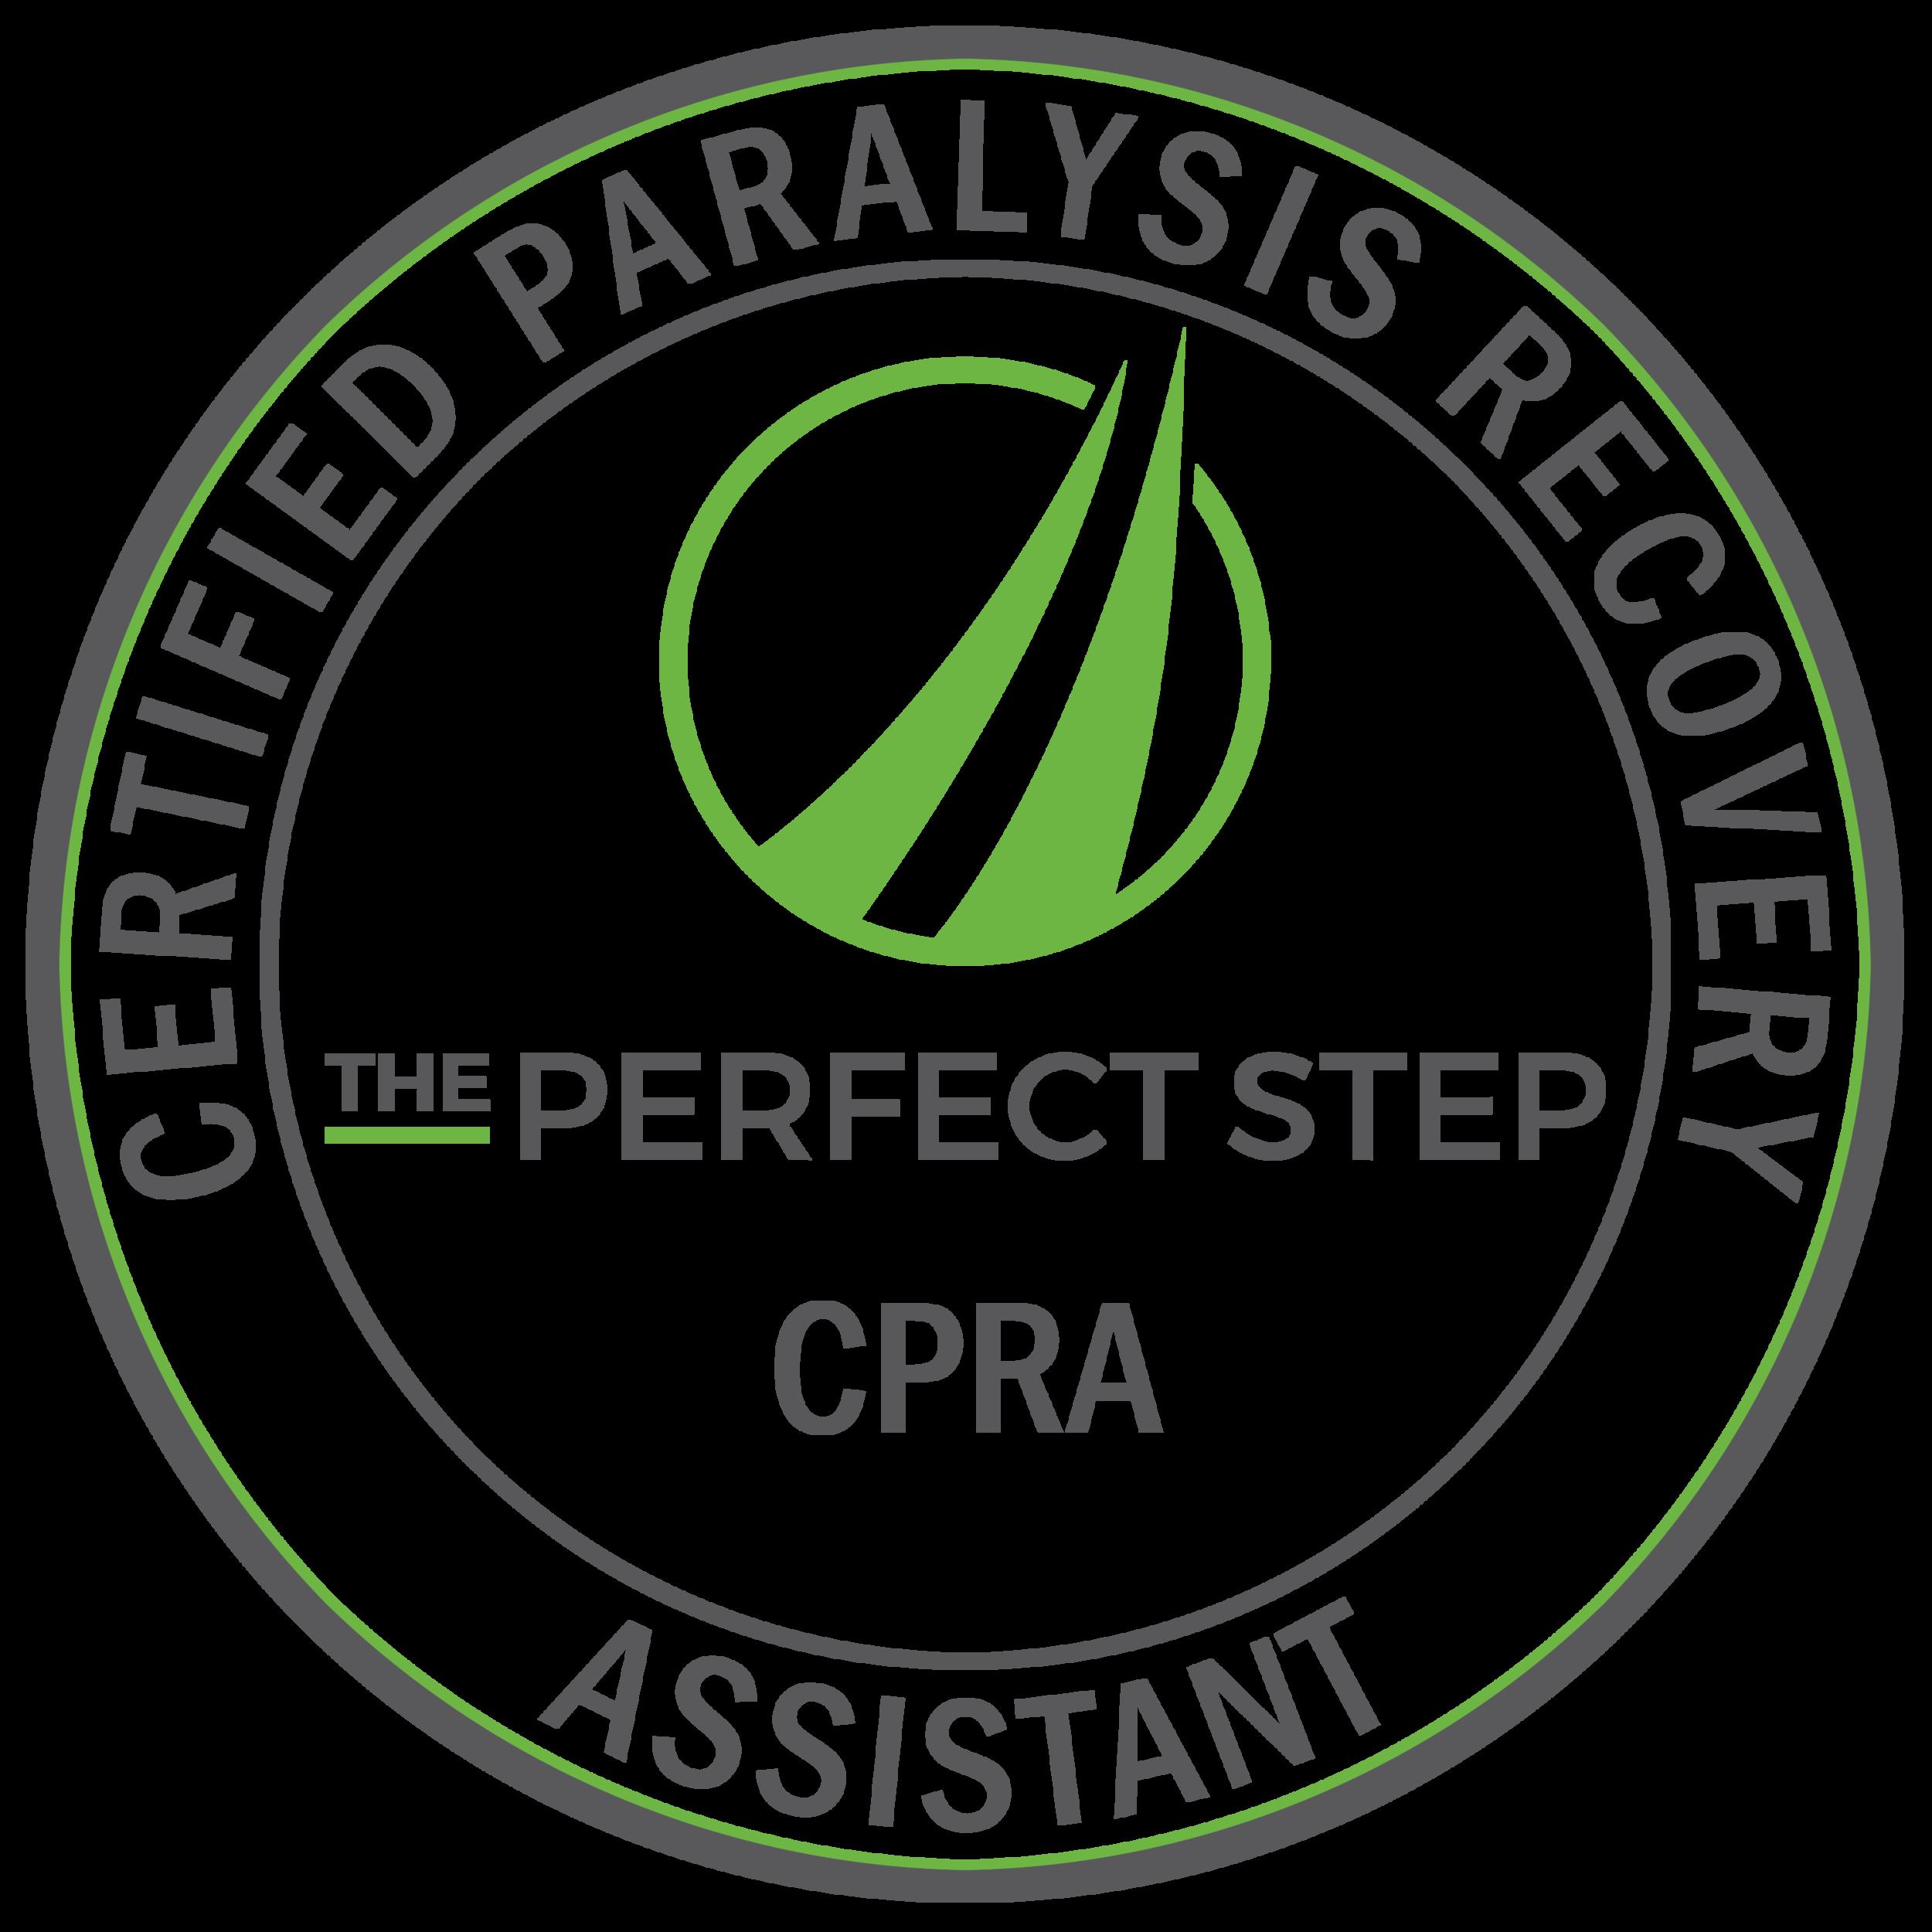 TPS SEAL CPRA.png